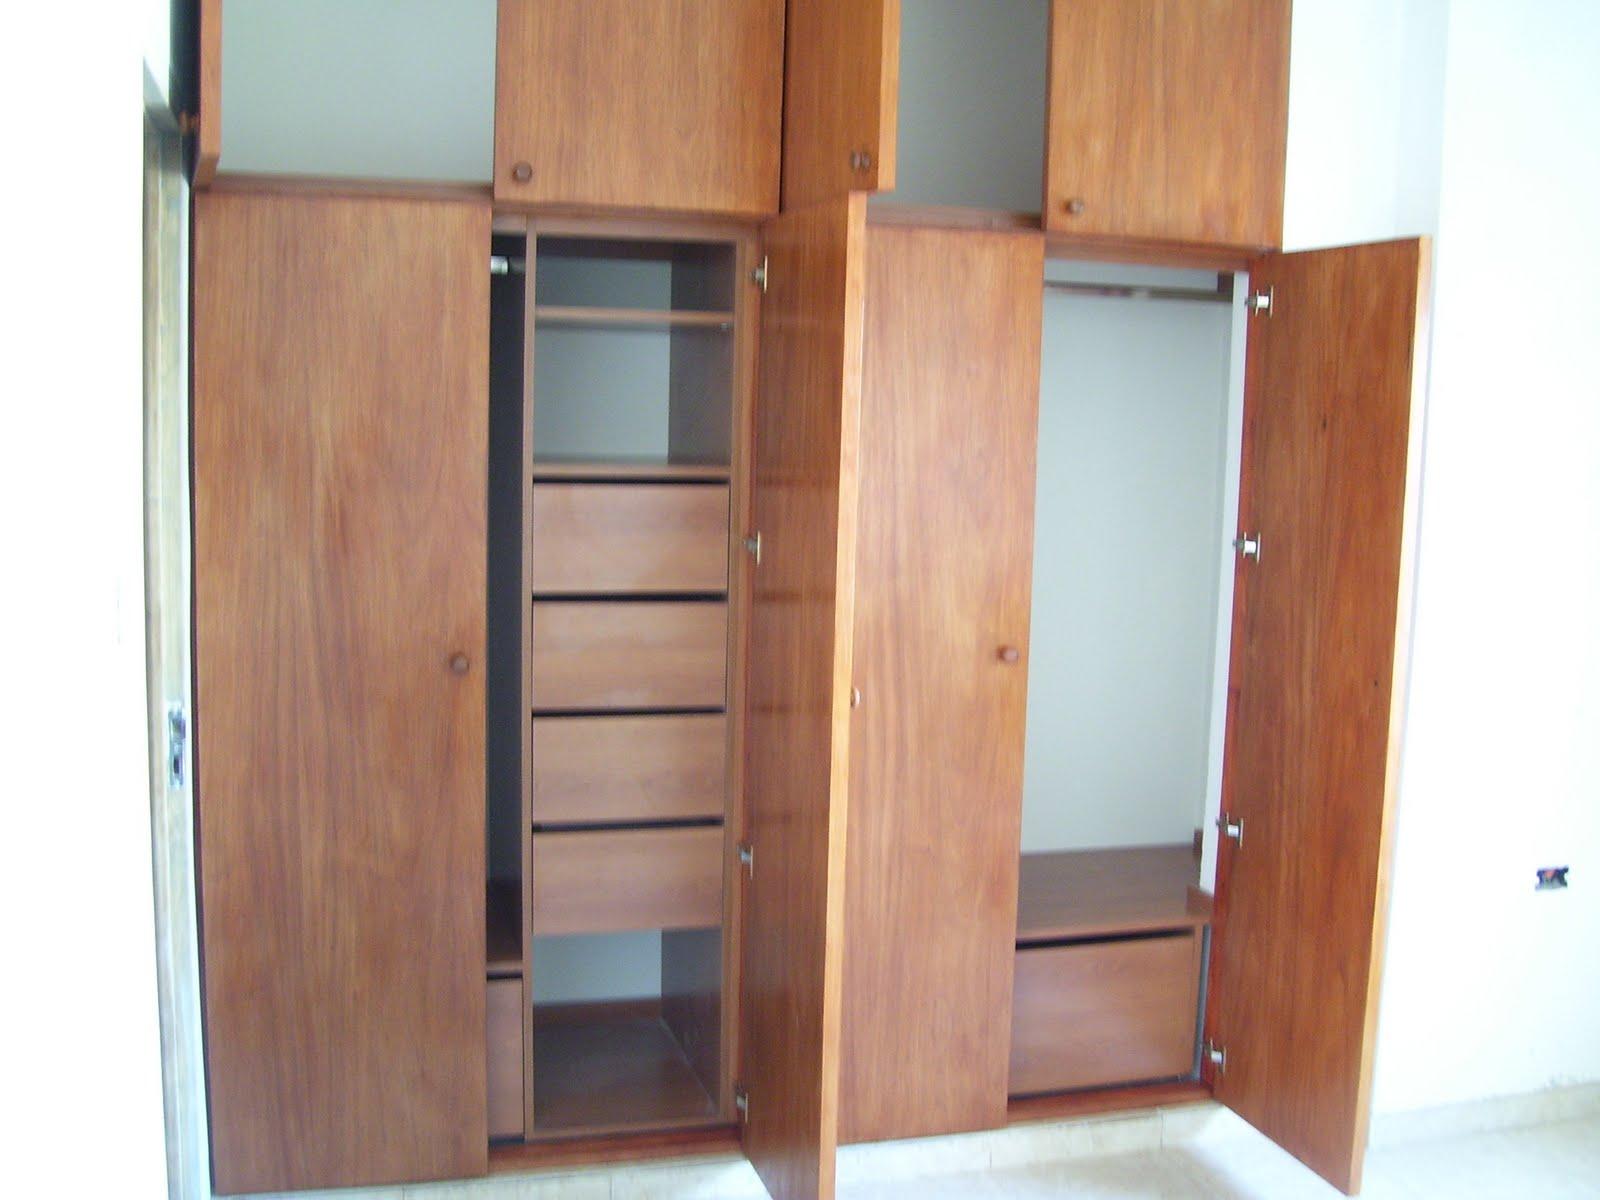 Placares dise o y desarrollo de mobiliario for Diseno de placares